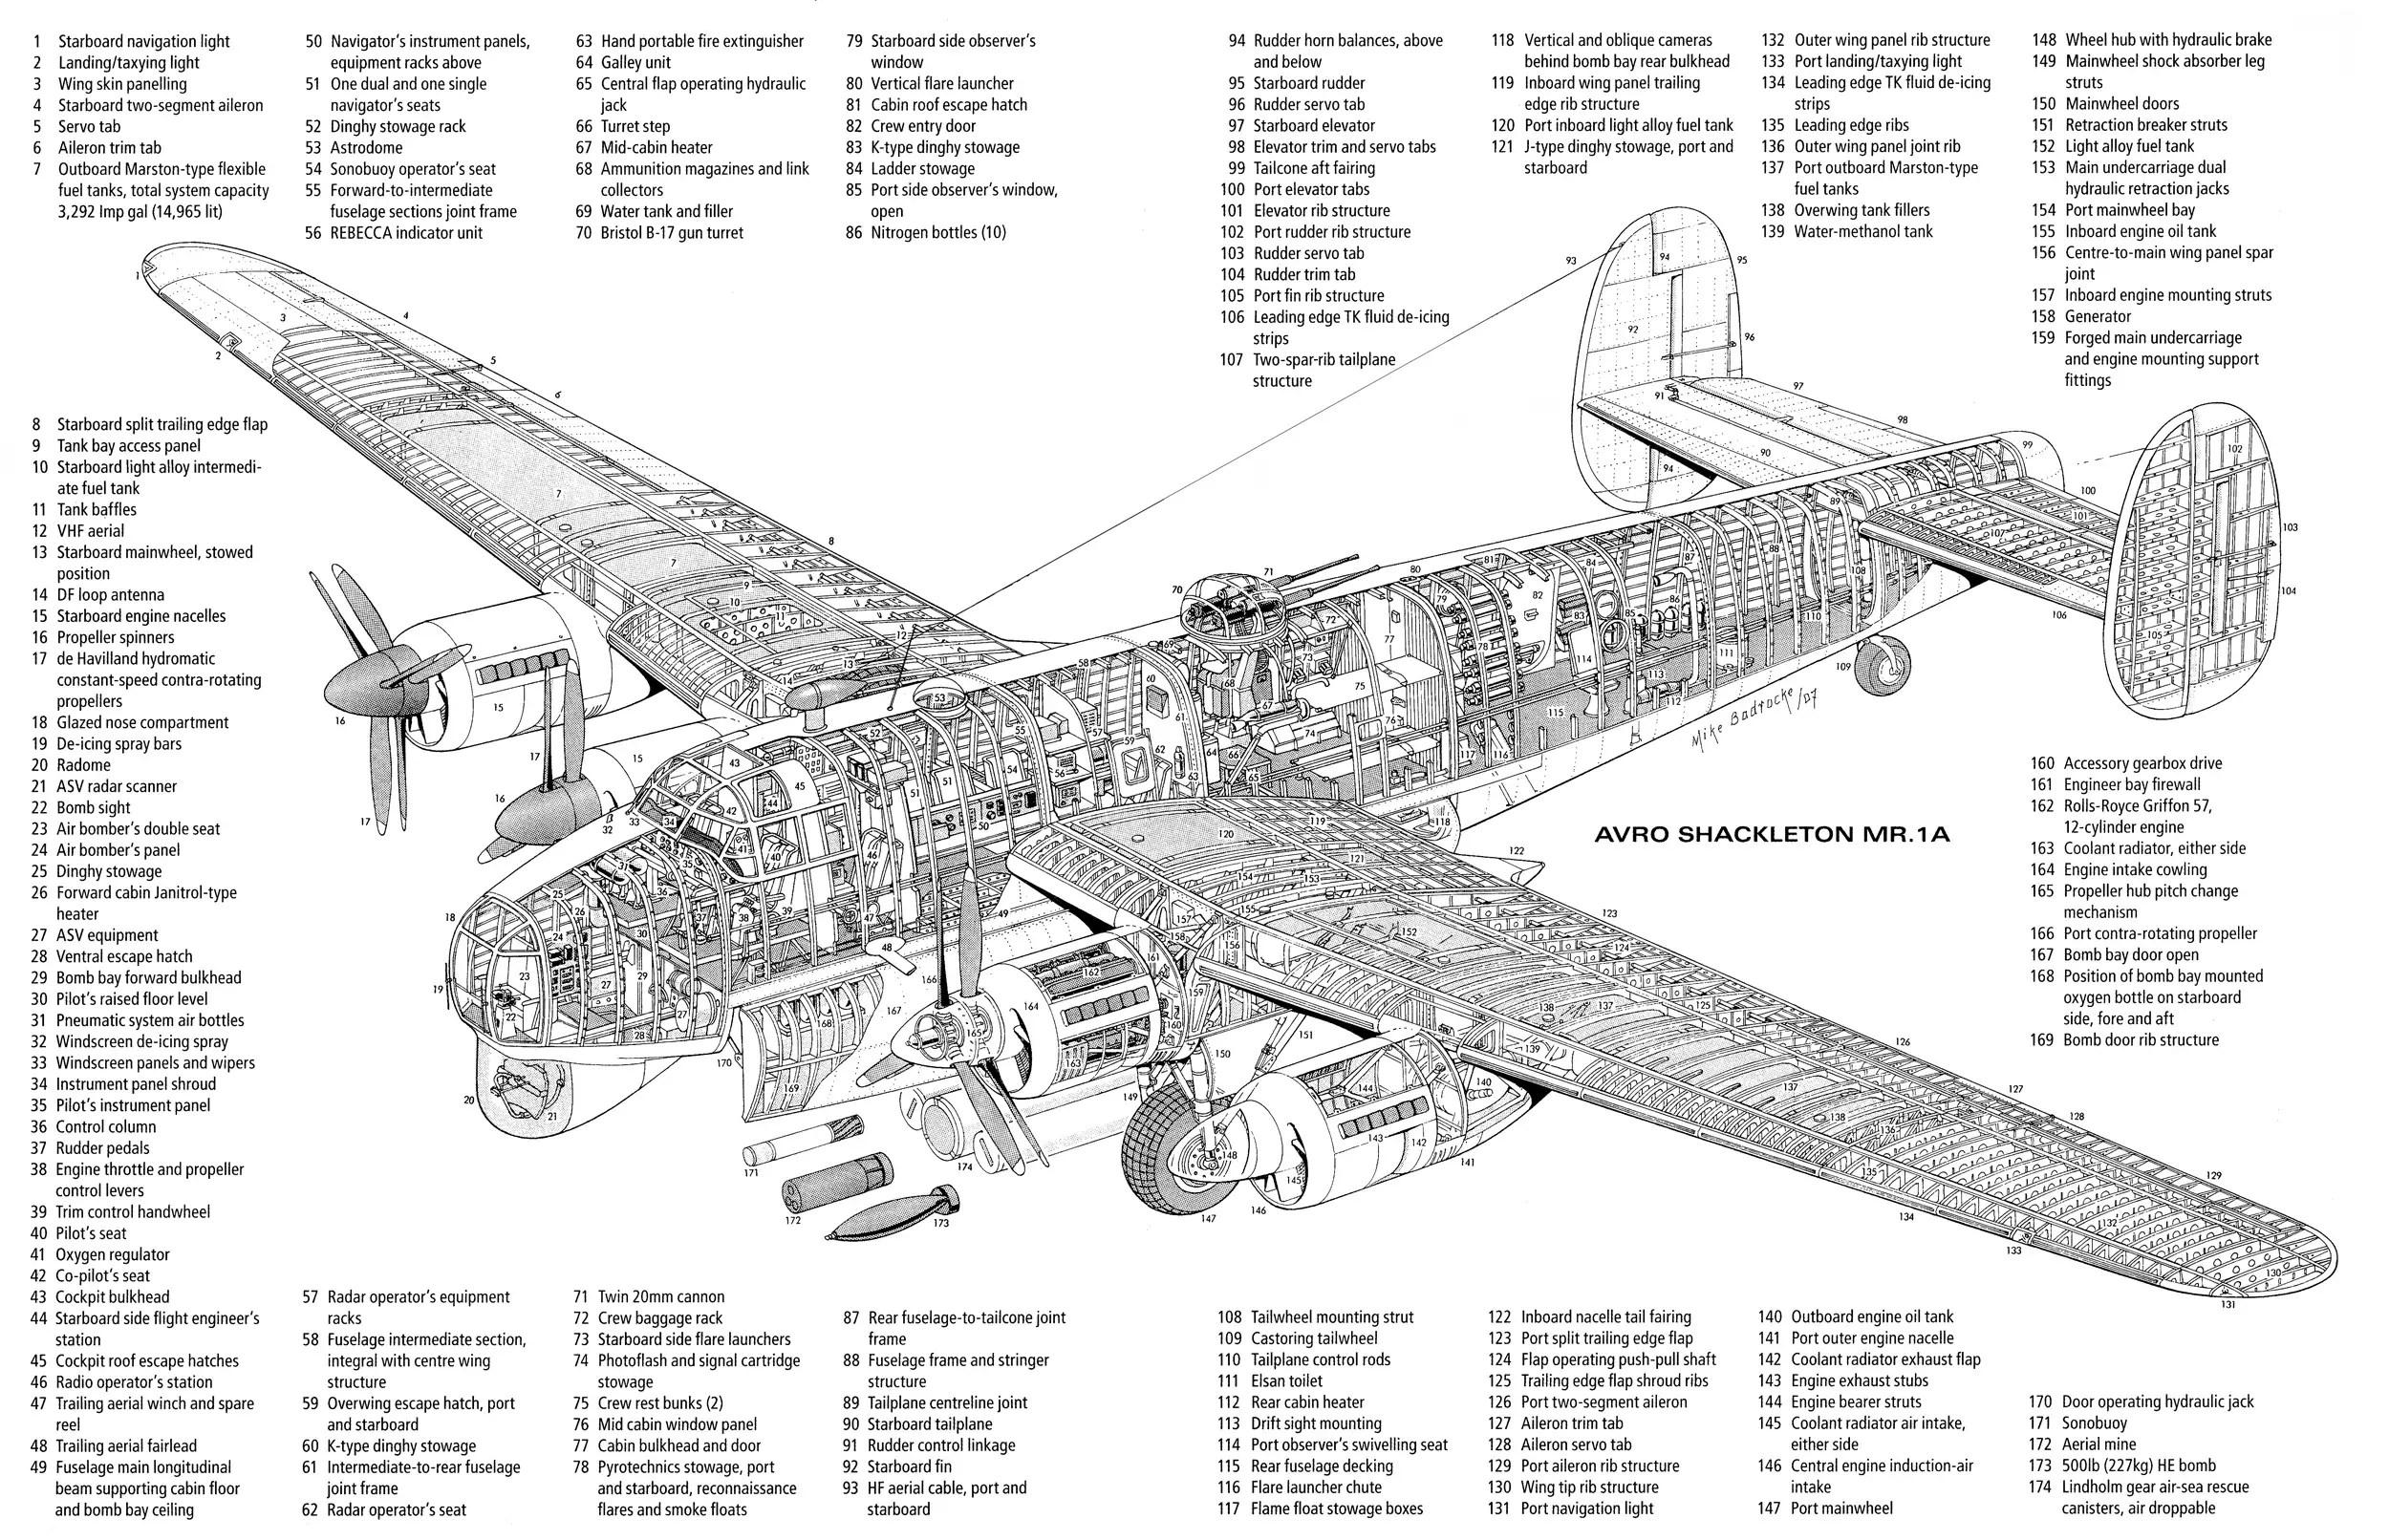 Ferrari Engine Cutaway